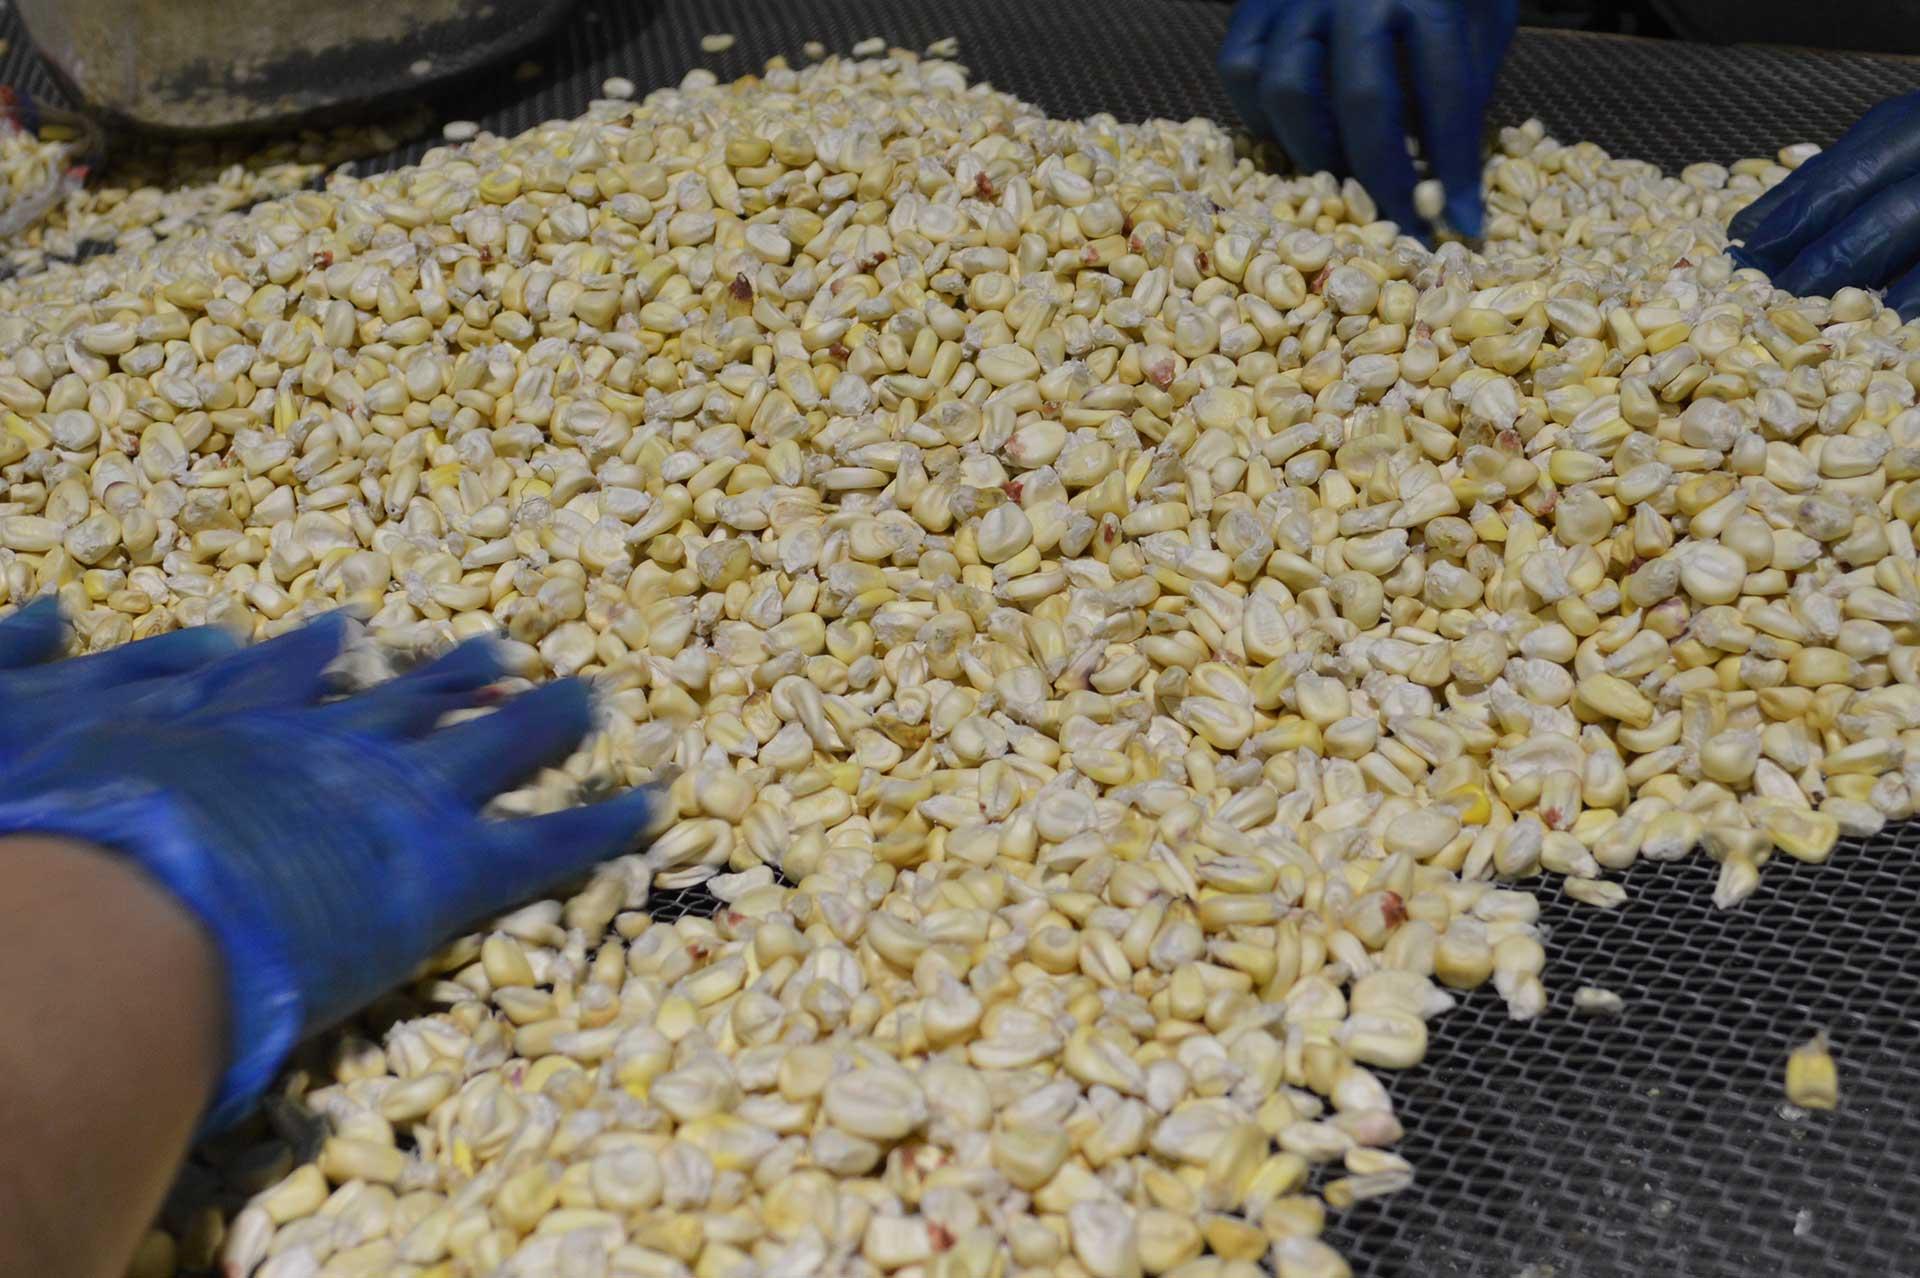 servicio-seleccion-molienda-maiz-zea-mays-siagro-export